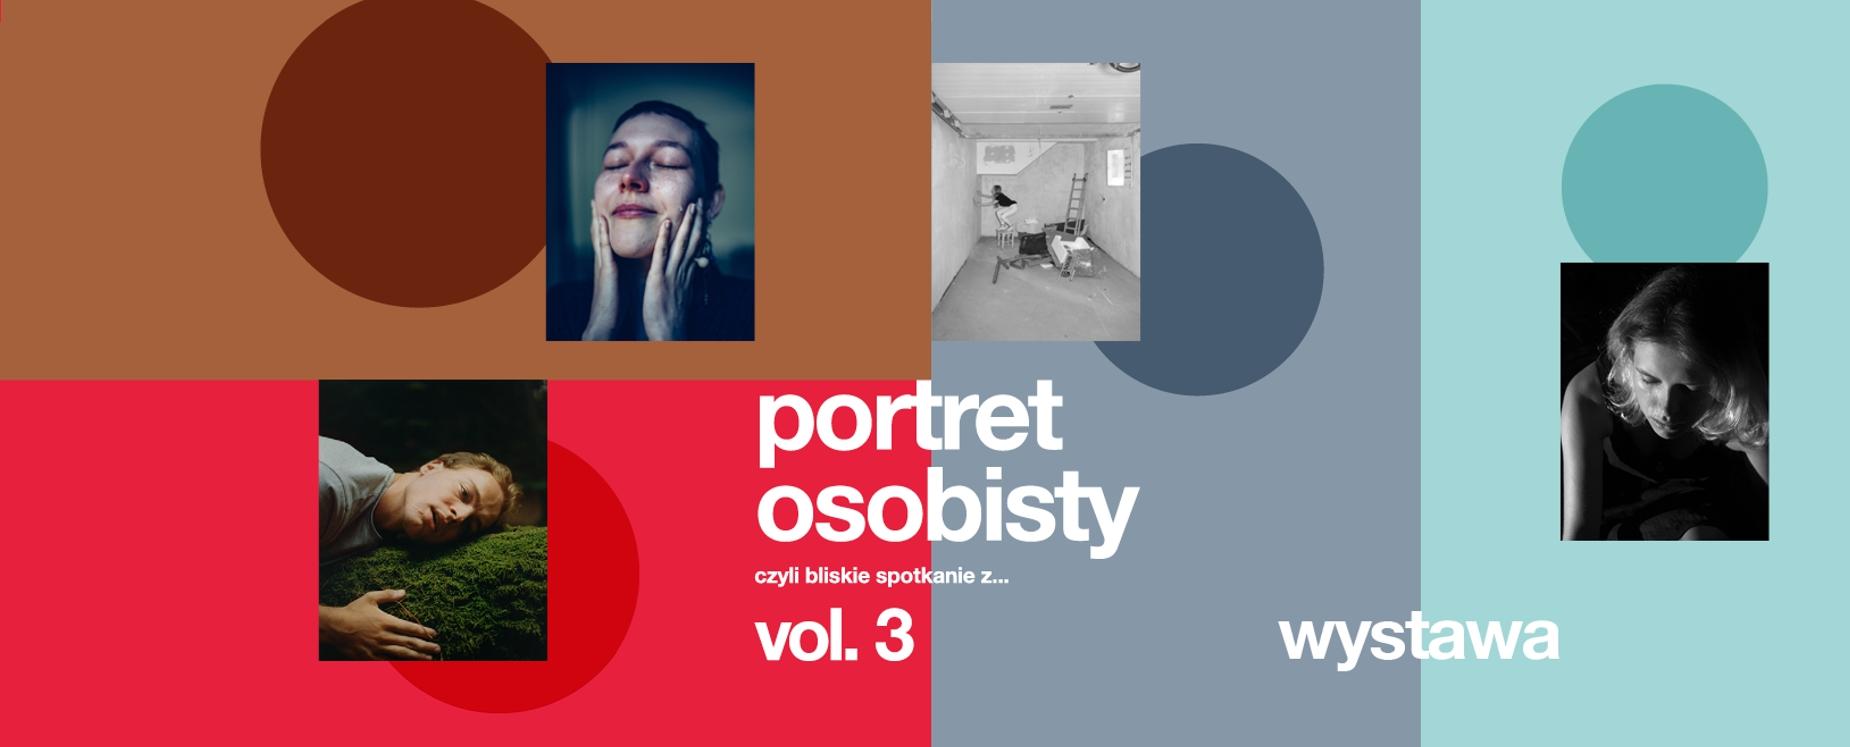 Obraz w sliderze - PORTRET OSOBISTY VOL. 3.